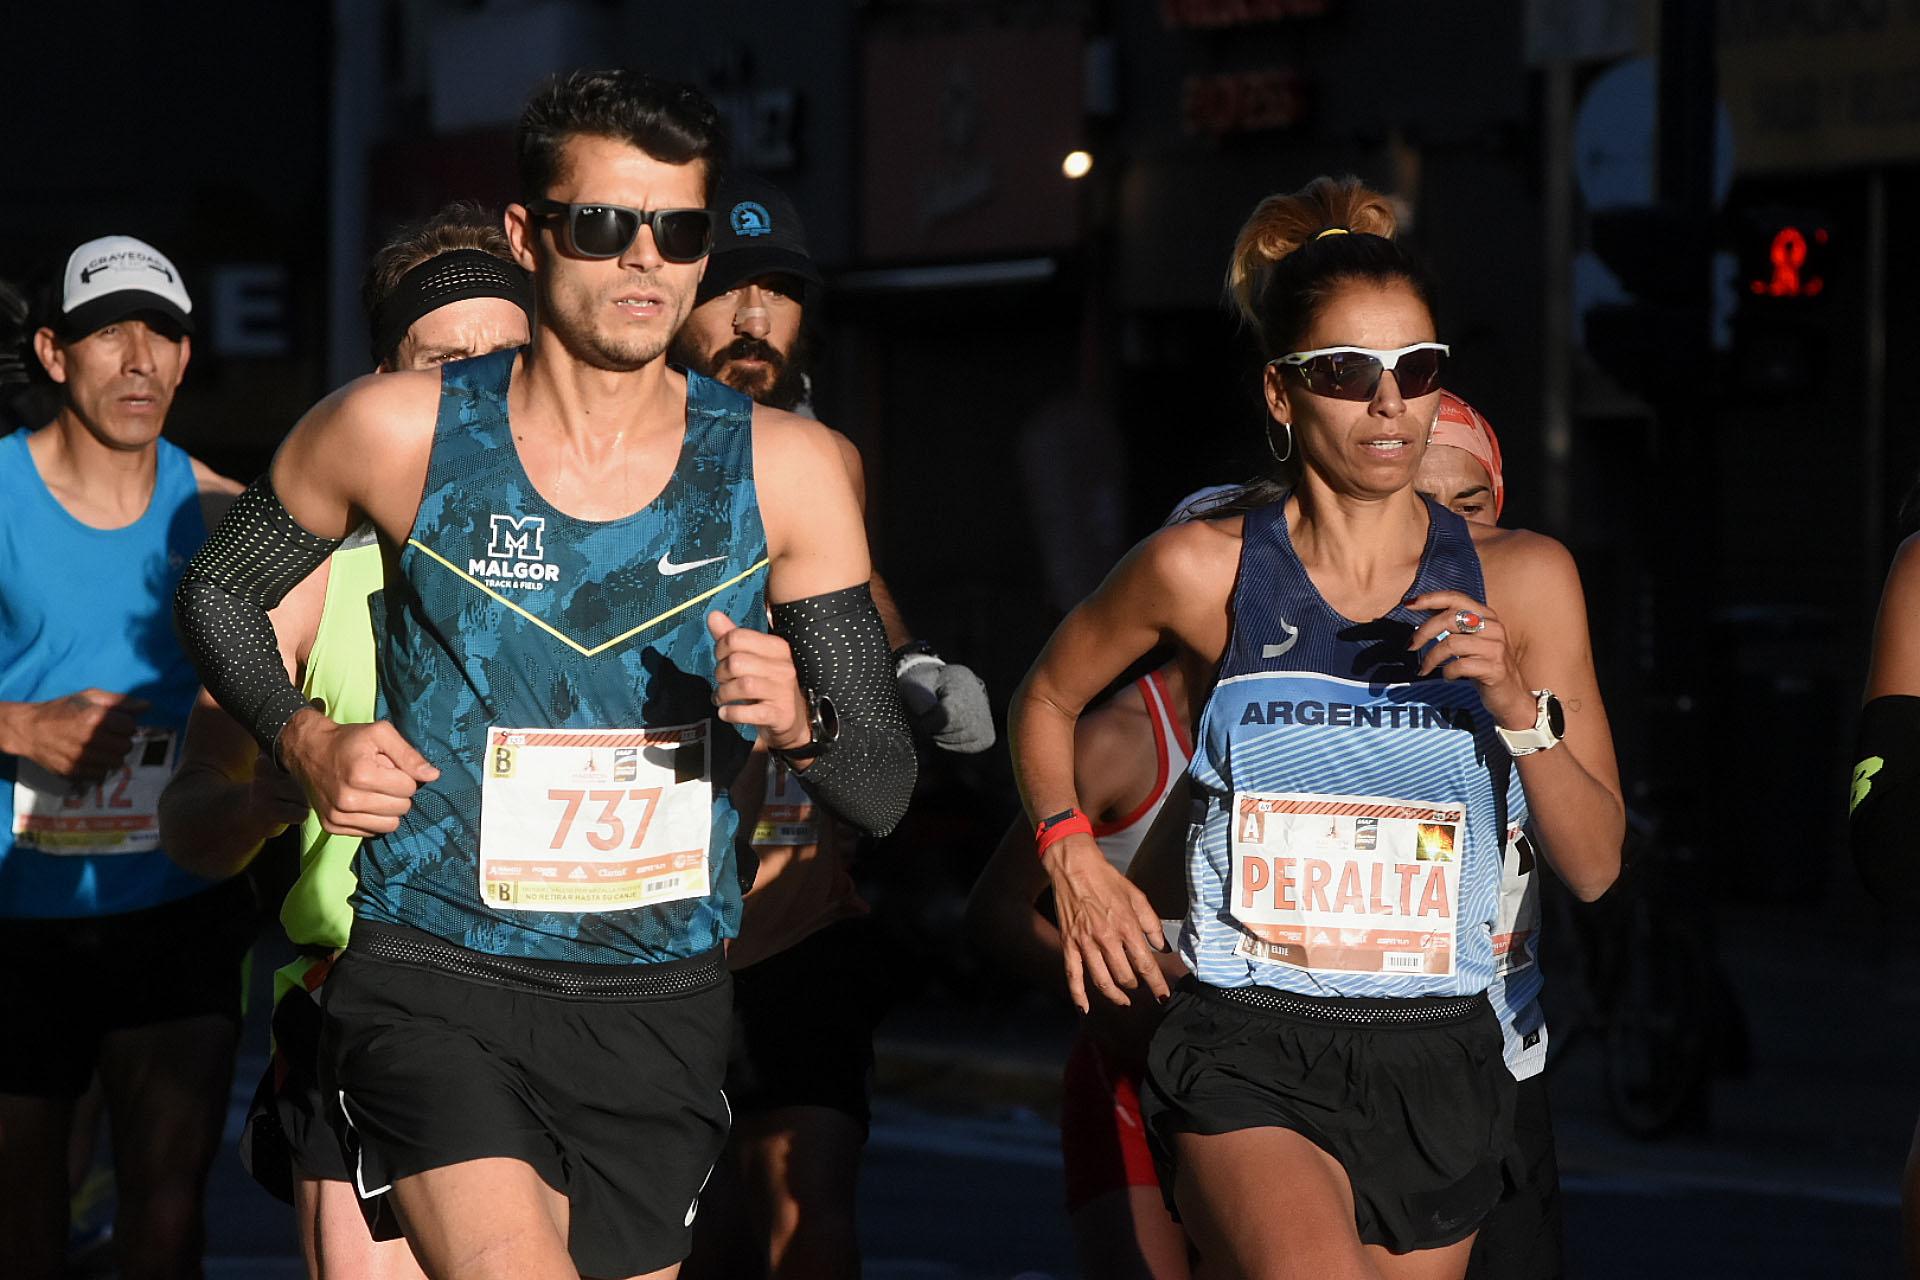 La imagen de la prestigiosa maratonista argentina, María Peralta